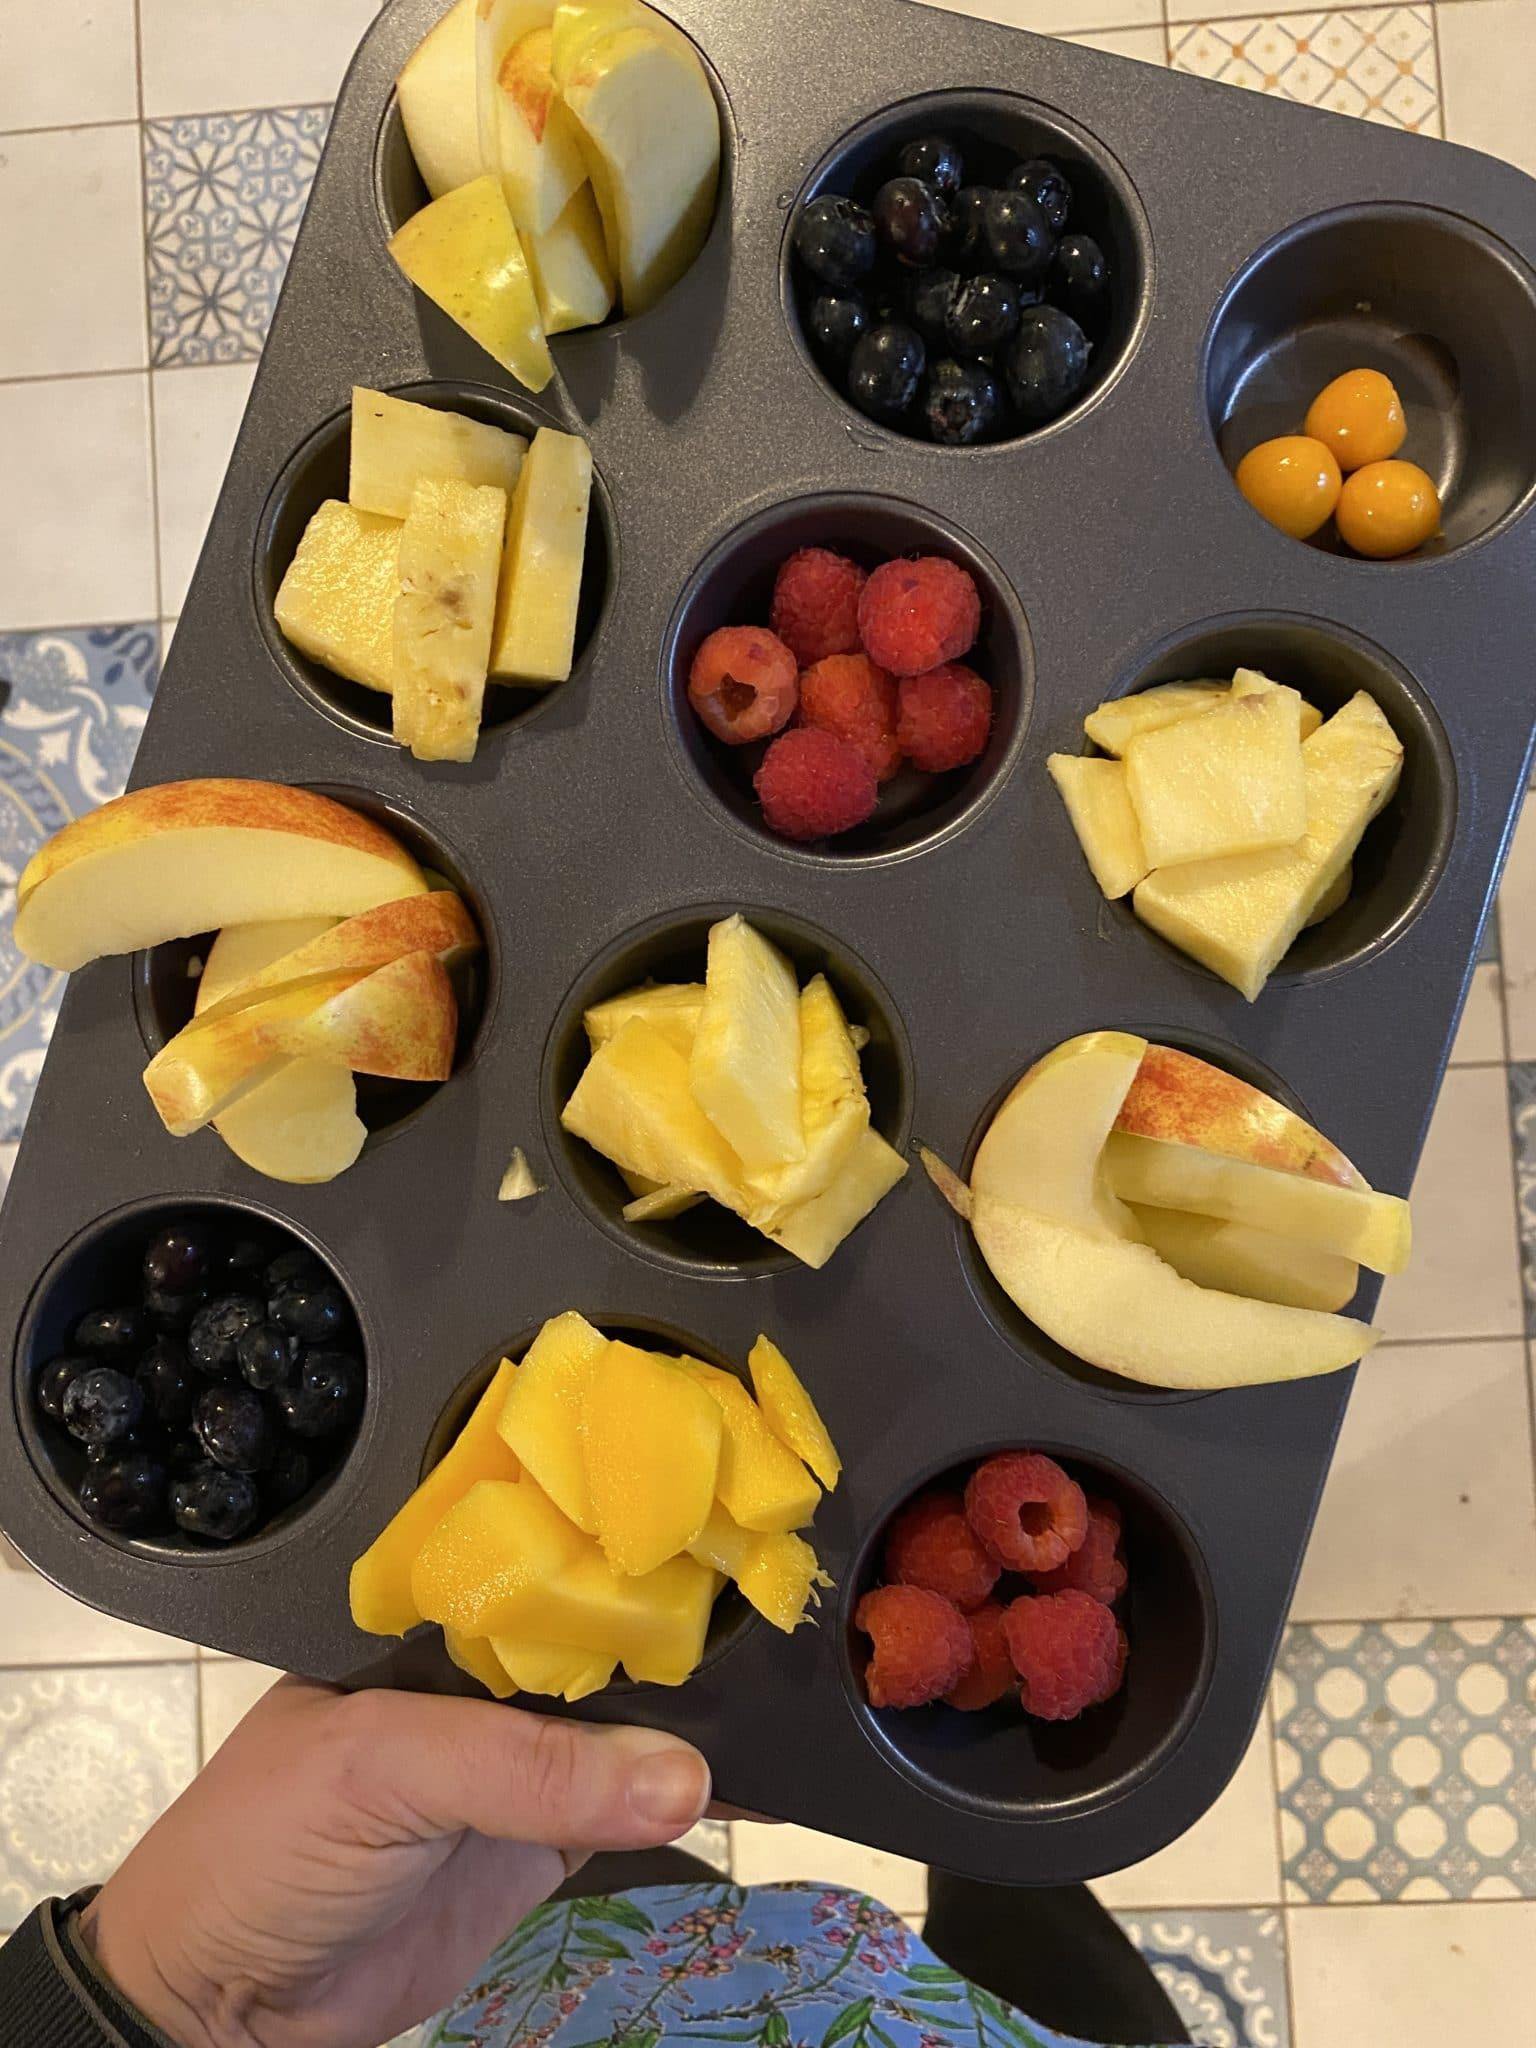 Zum Abendessen wieder Obstinfluencer für alle : )